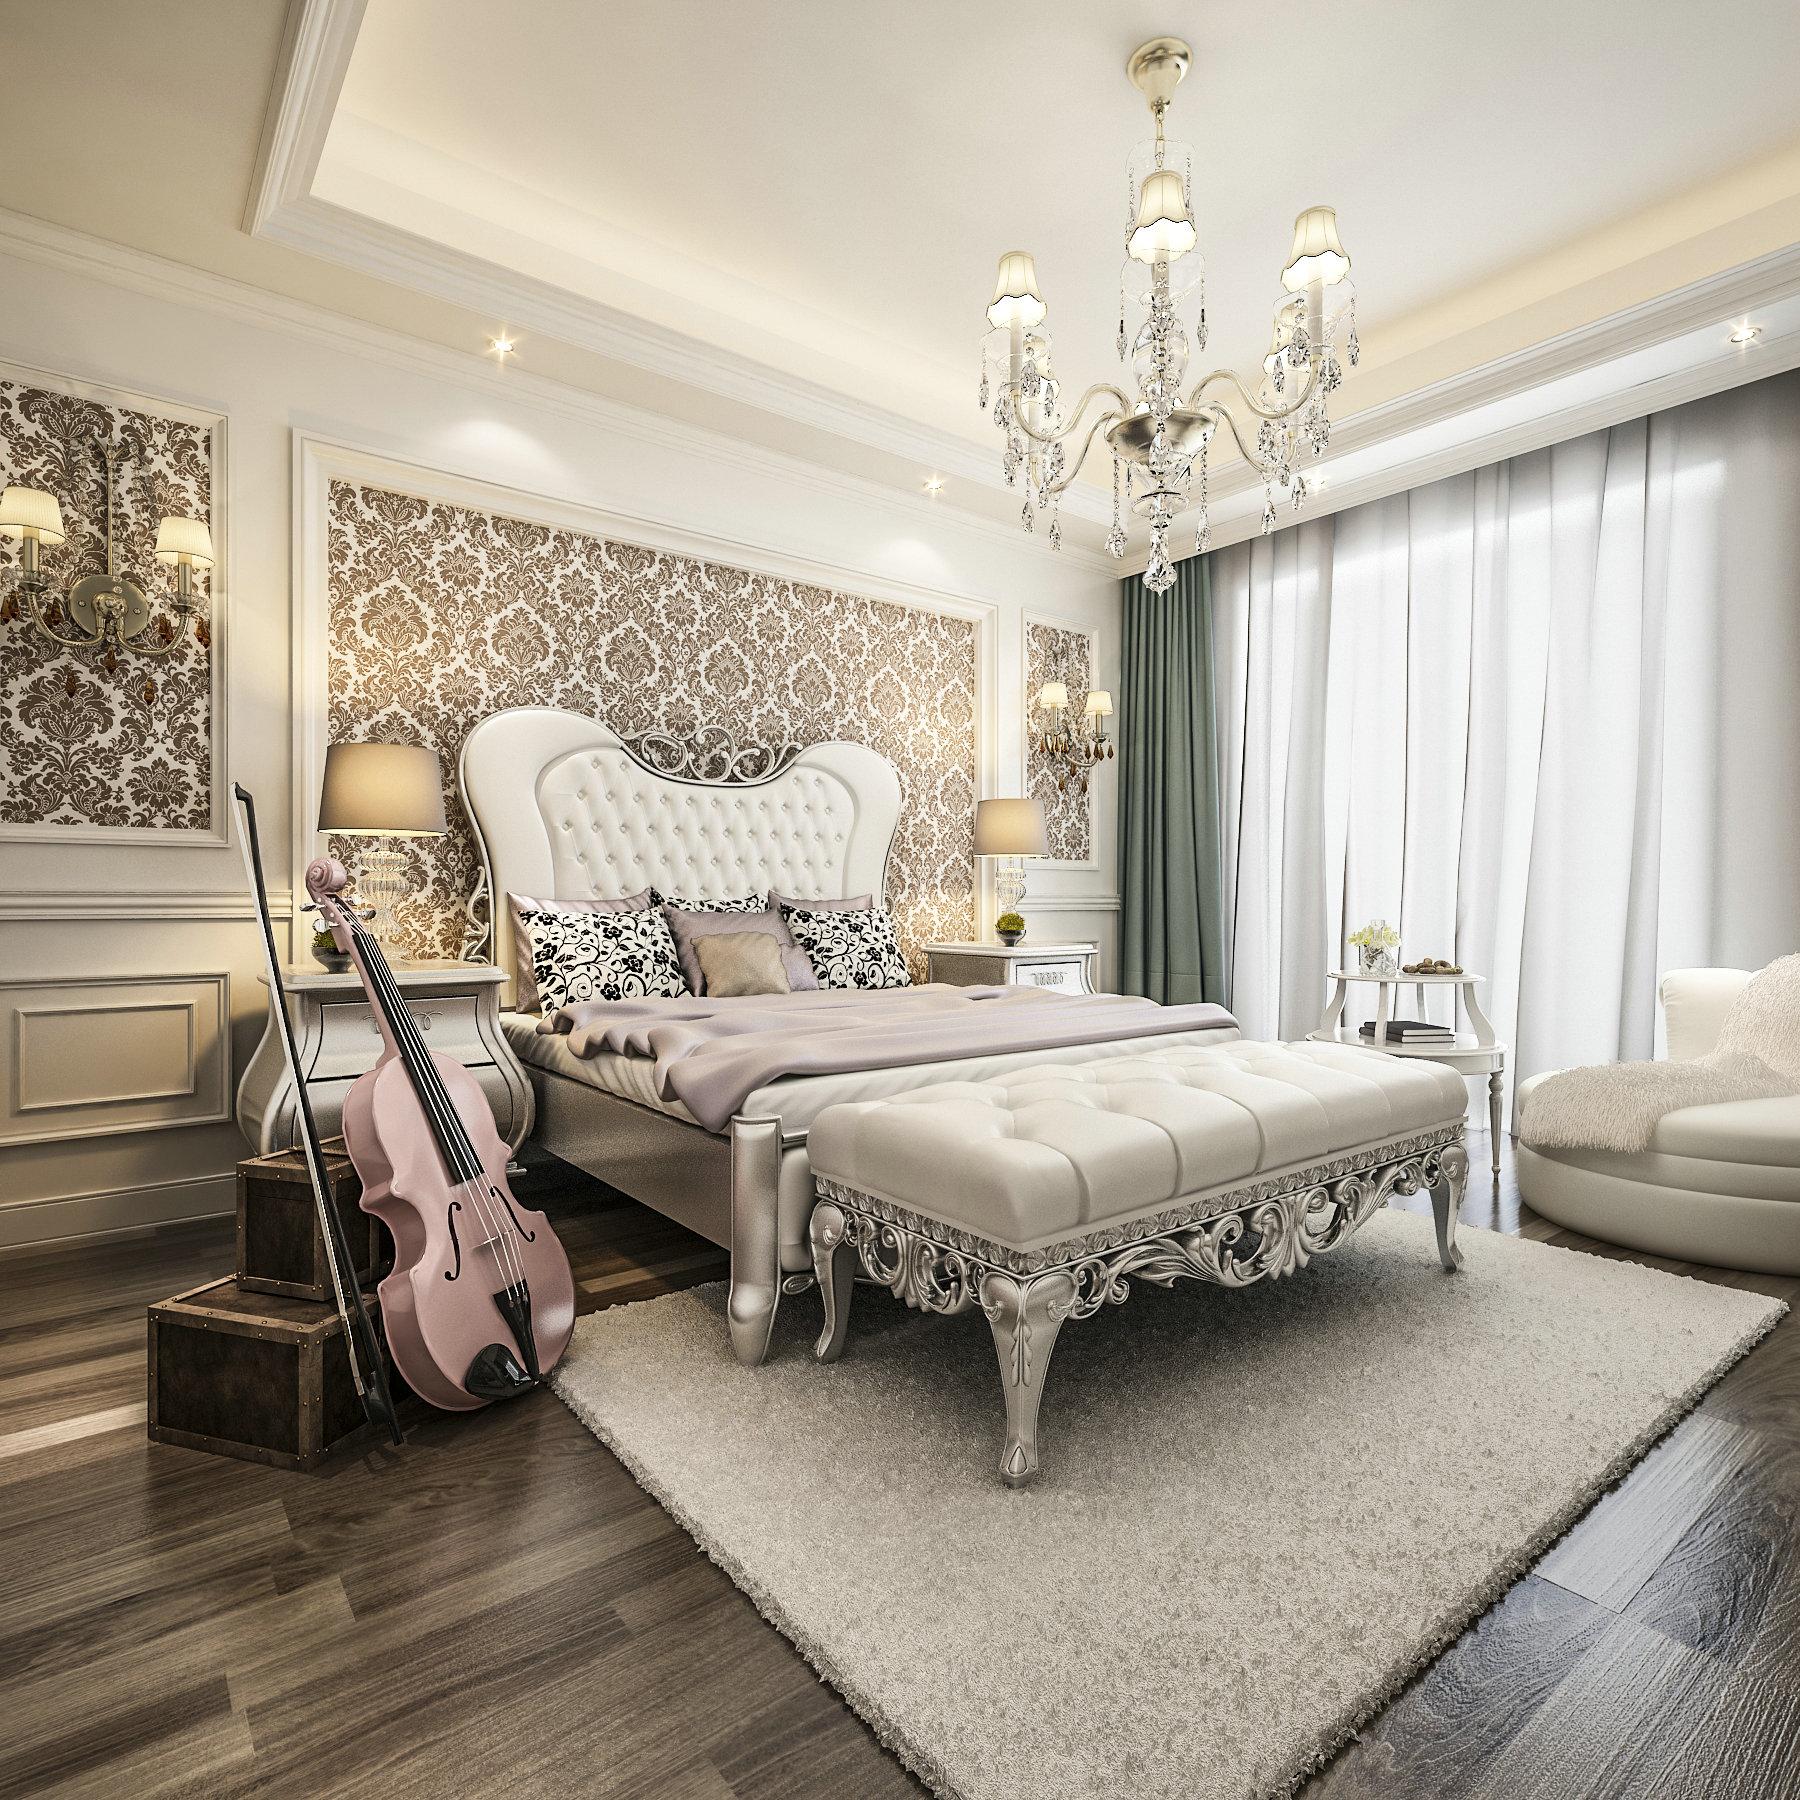 浅水湾花园 别墅装修 欧式古典 腾龙设计 卧室图片来自孔继民在浅水湾花园 别墅新古典欧式设计的分享